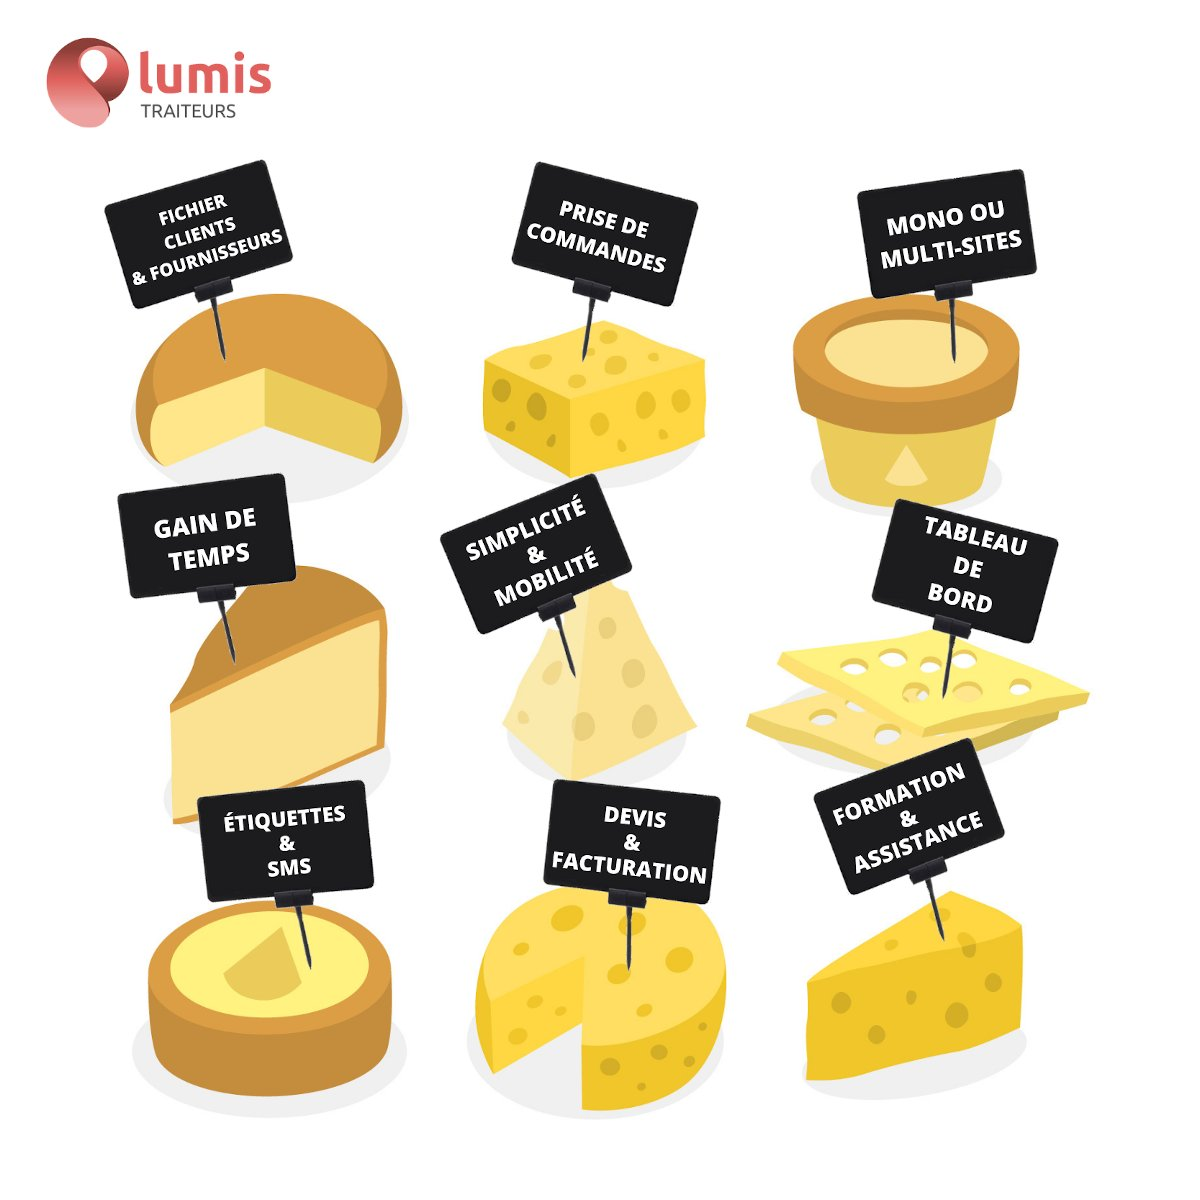 Lumis Traiteurs est la solution de gestion pour tous les #artisans des métiers de bouches : #bouchers #charcutiers #traiteurs #poissonniers et maintenant #fromagers ! 👍  Notre produit contient (presque !) autant de fonctionnalités qu'il existe de variétés de fromages ! 😉👇👇👇 https://t.co/KBoAZyCE8d